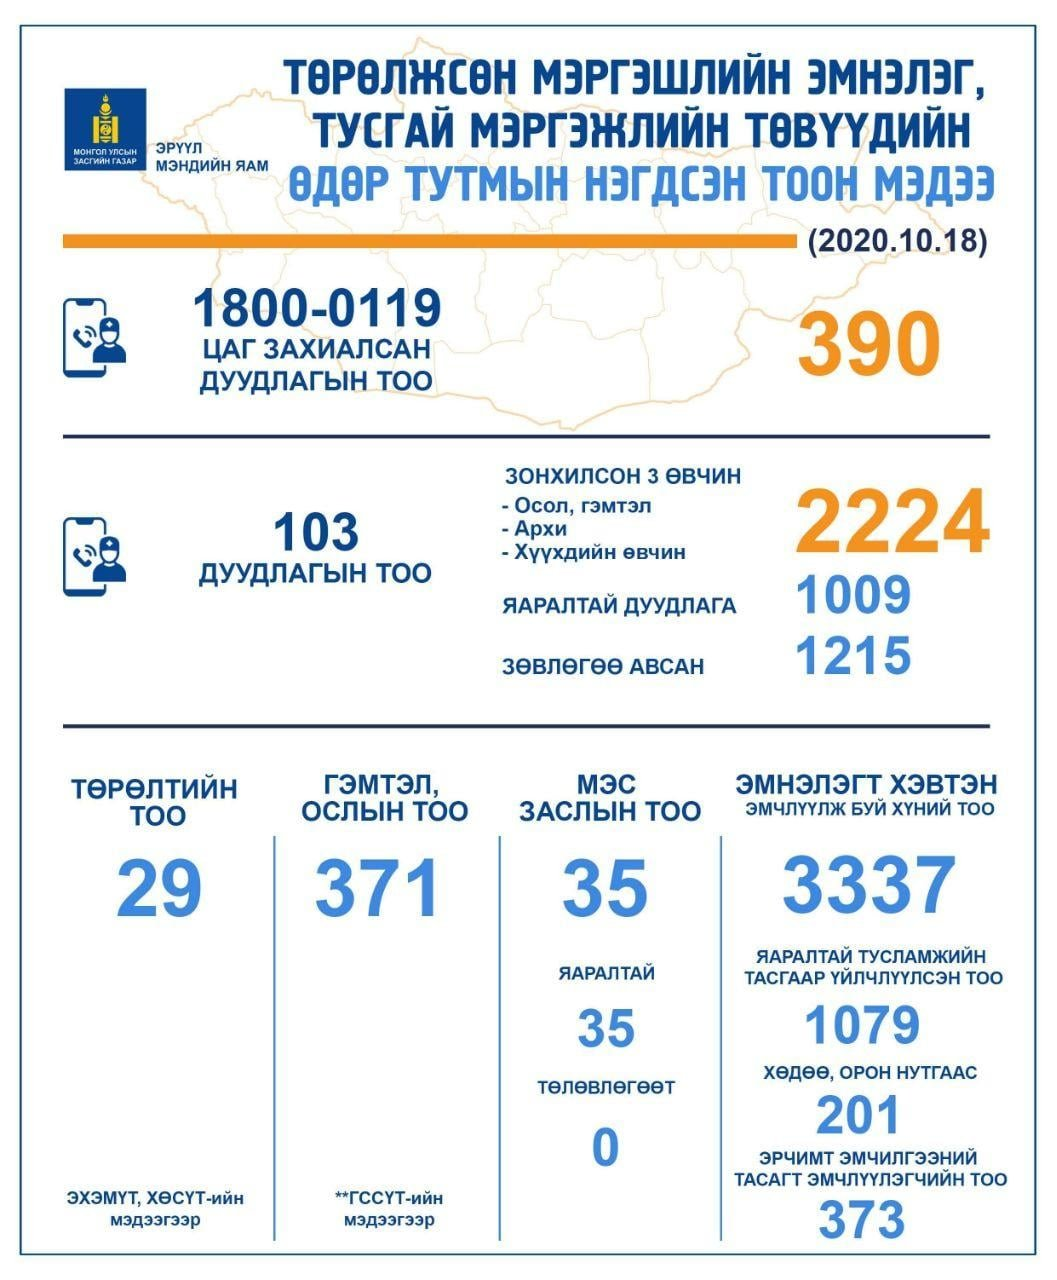 НЭГ ХОНОГТ: 103 дугаарт 2224  дуудлага ирснээс 1009 нь яаралтай эмнэлгийн тусламж үйлчилгээ авчээ